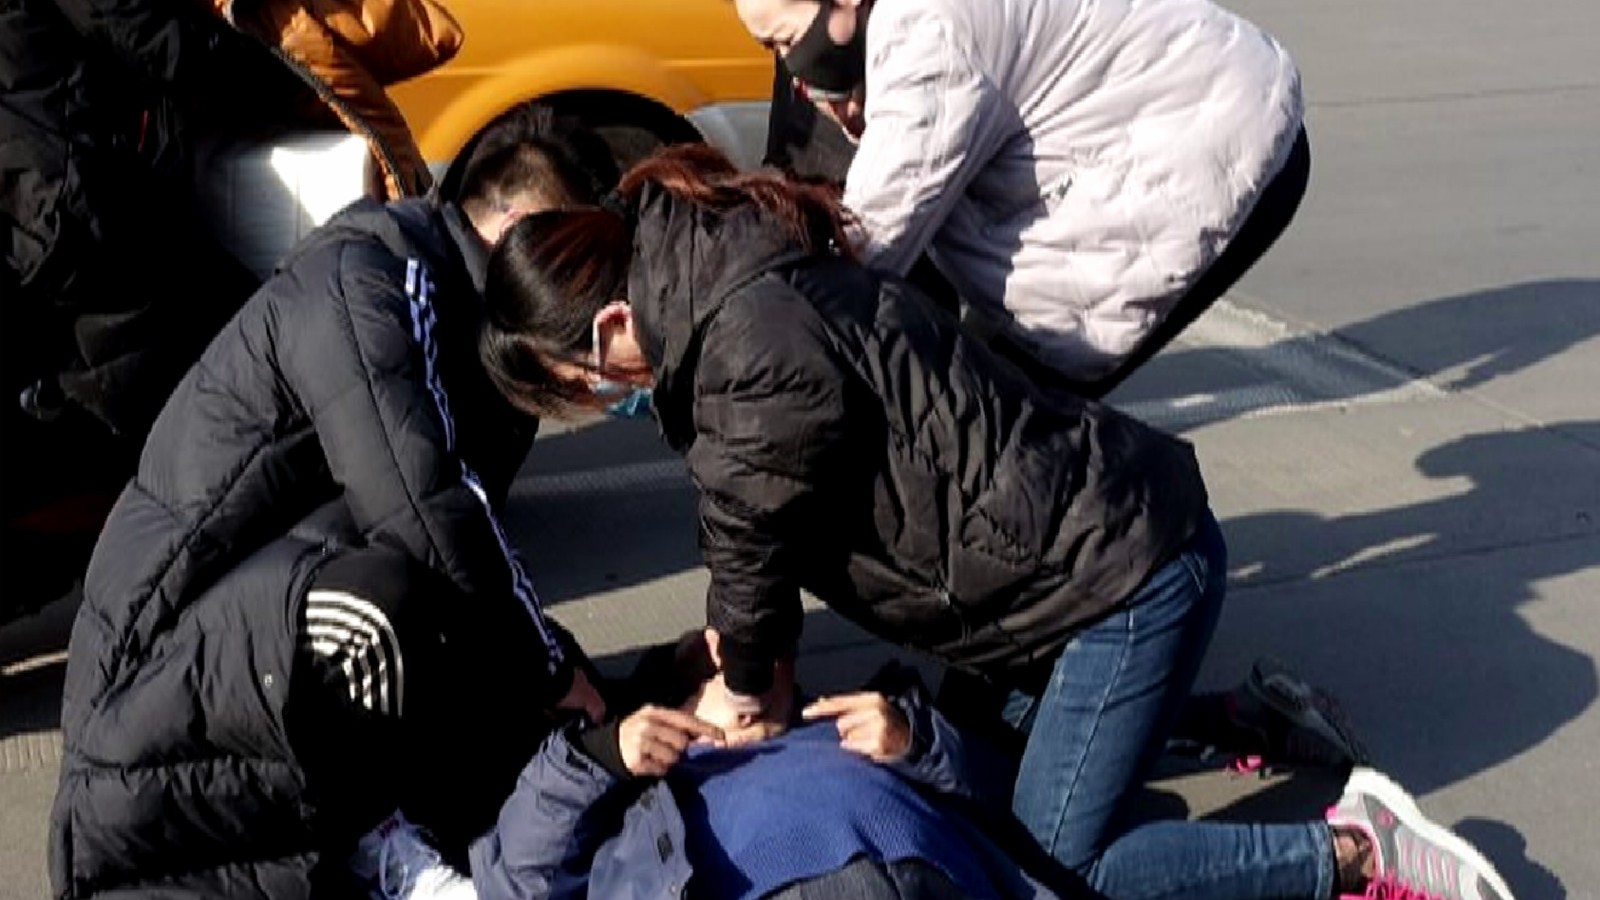 58秒|跨栏救昏倒老人的小伙找到了!刚参加急救培训 妻子现场拨打120